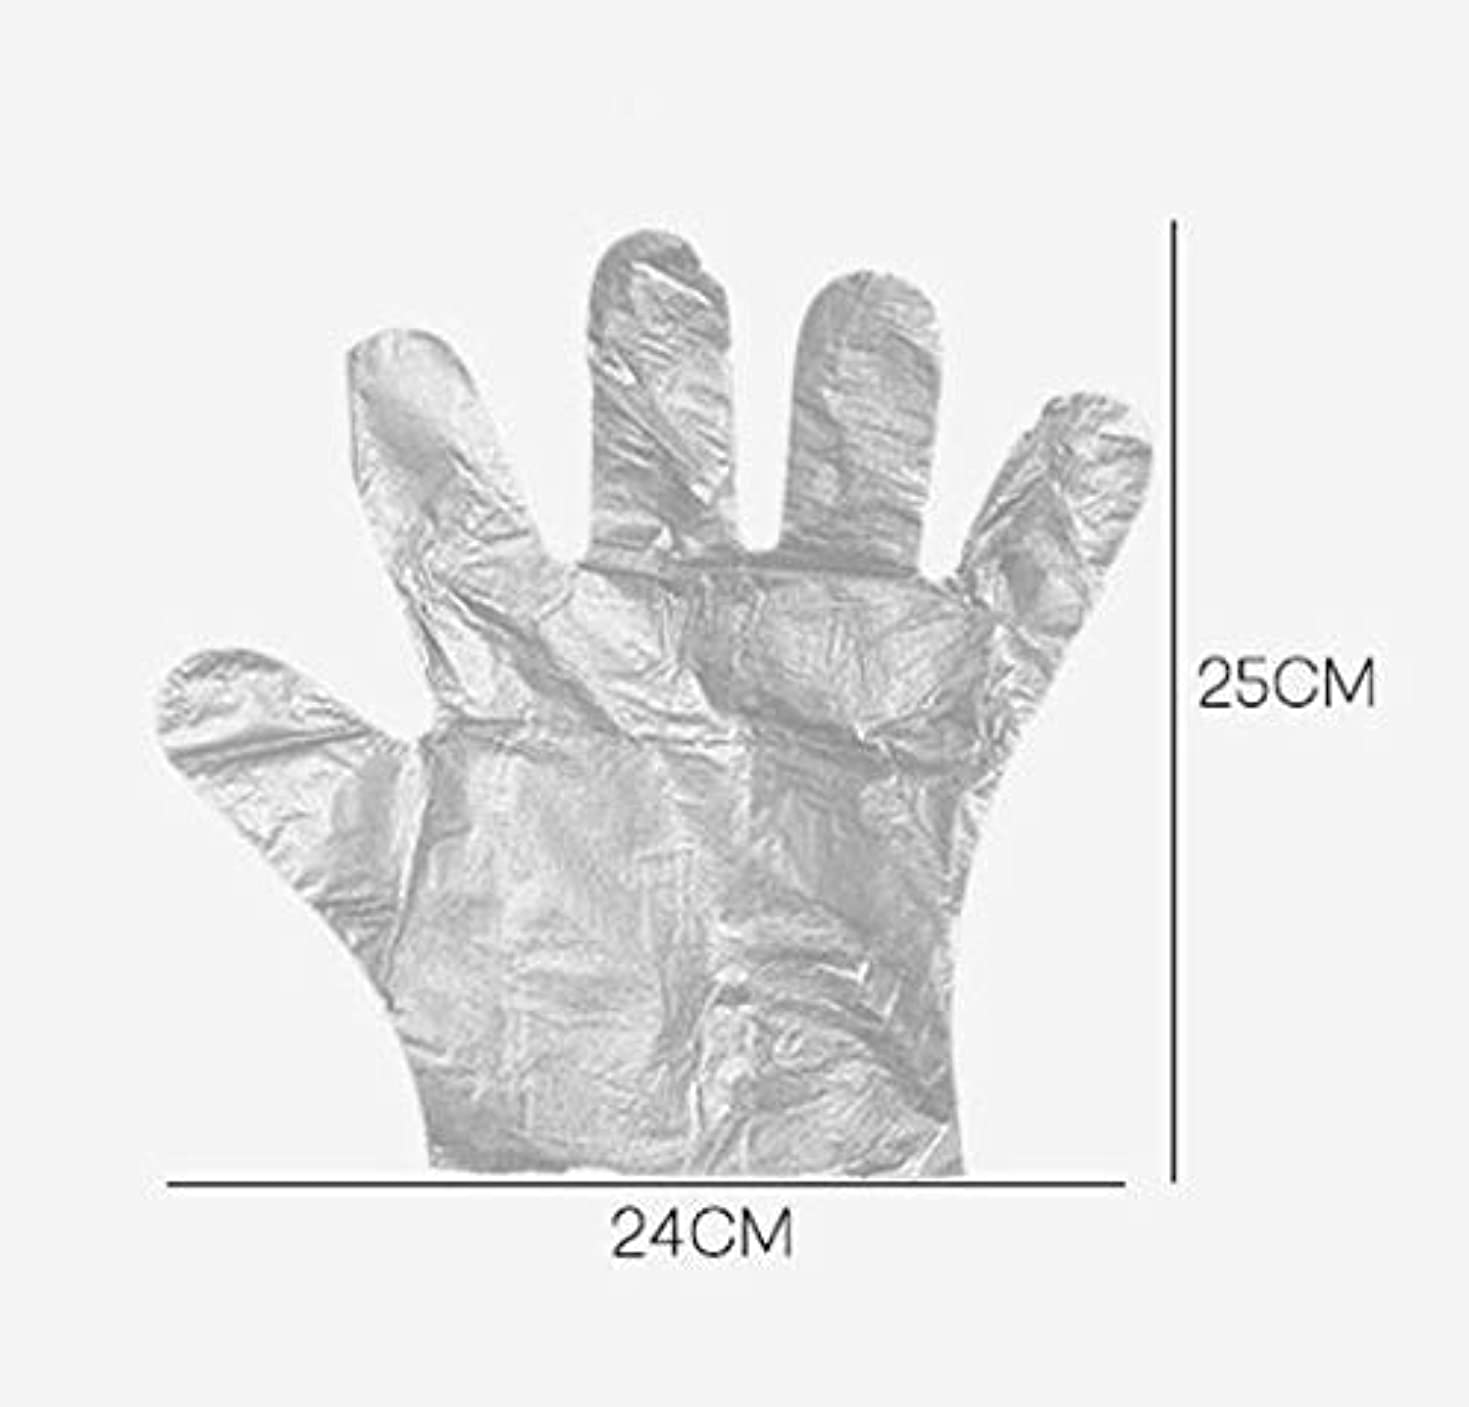 適度に予測子子犬HJ 使い捨て手袋 ポリエチレン使い切り手袋 極薄い ポリ手袋 使い切り手袋 透明手袋 耐油 防水 介護 トイレ掃除 左右兼用 手荒れを防ぎ 素手 薄いタイプ (200ペアセット)